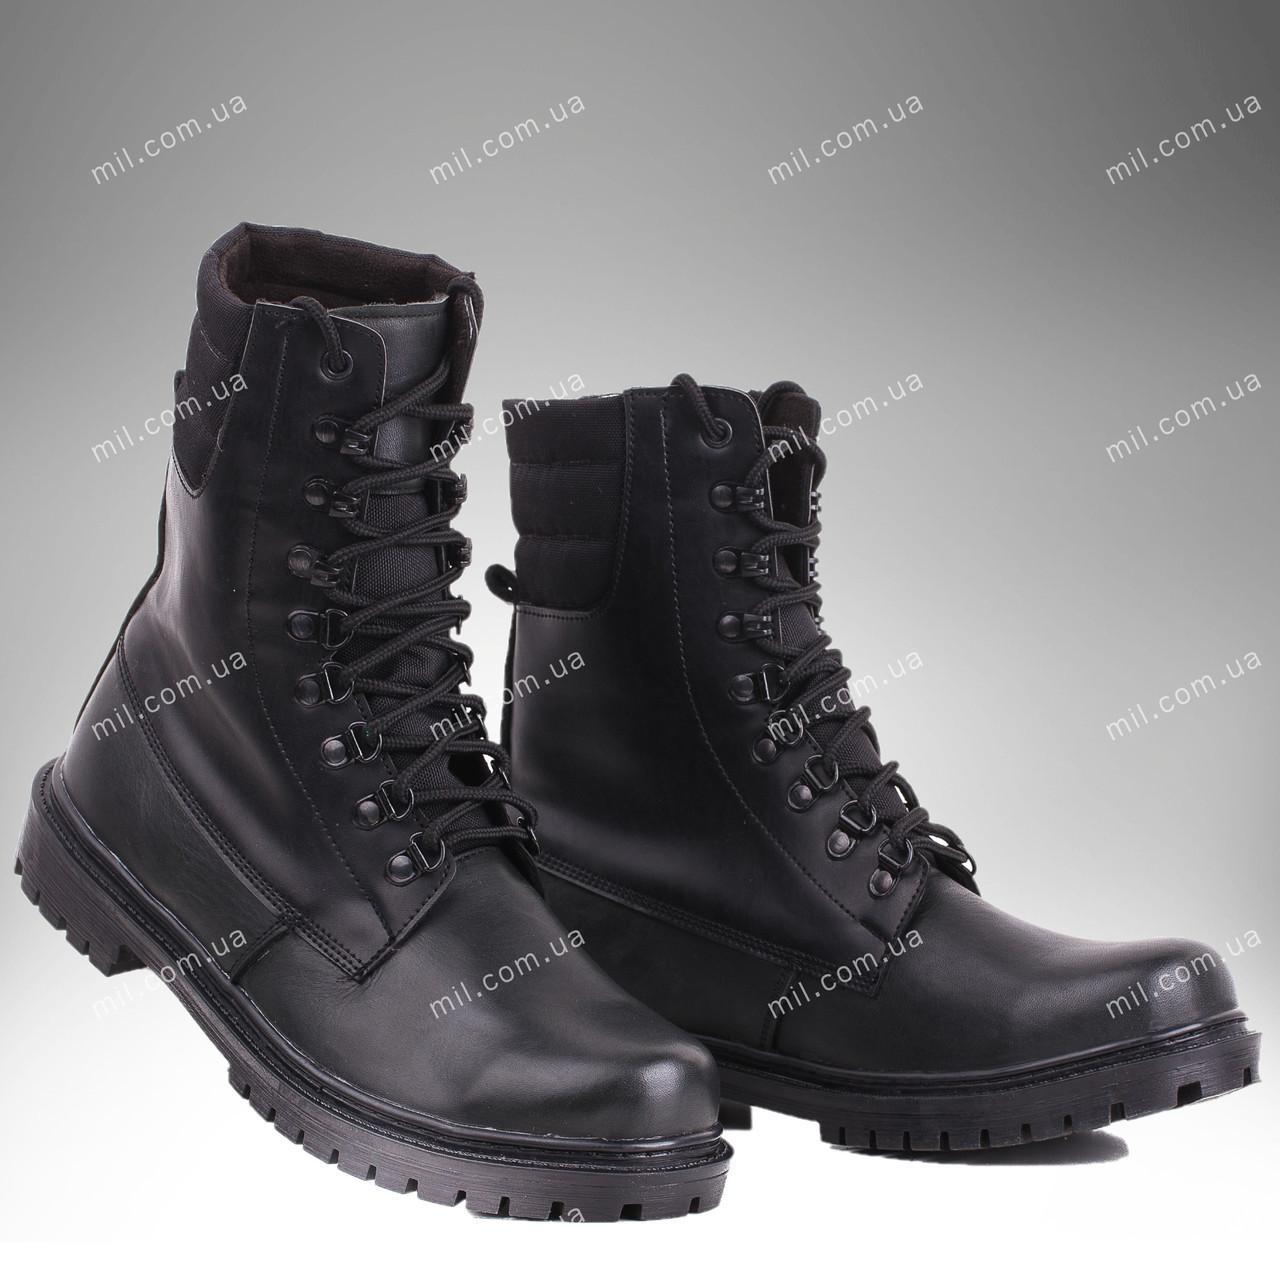 Берці зимові / військова, робоче взуття ШТУРМ (black)